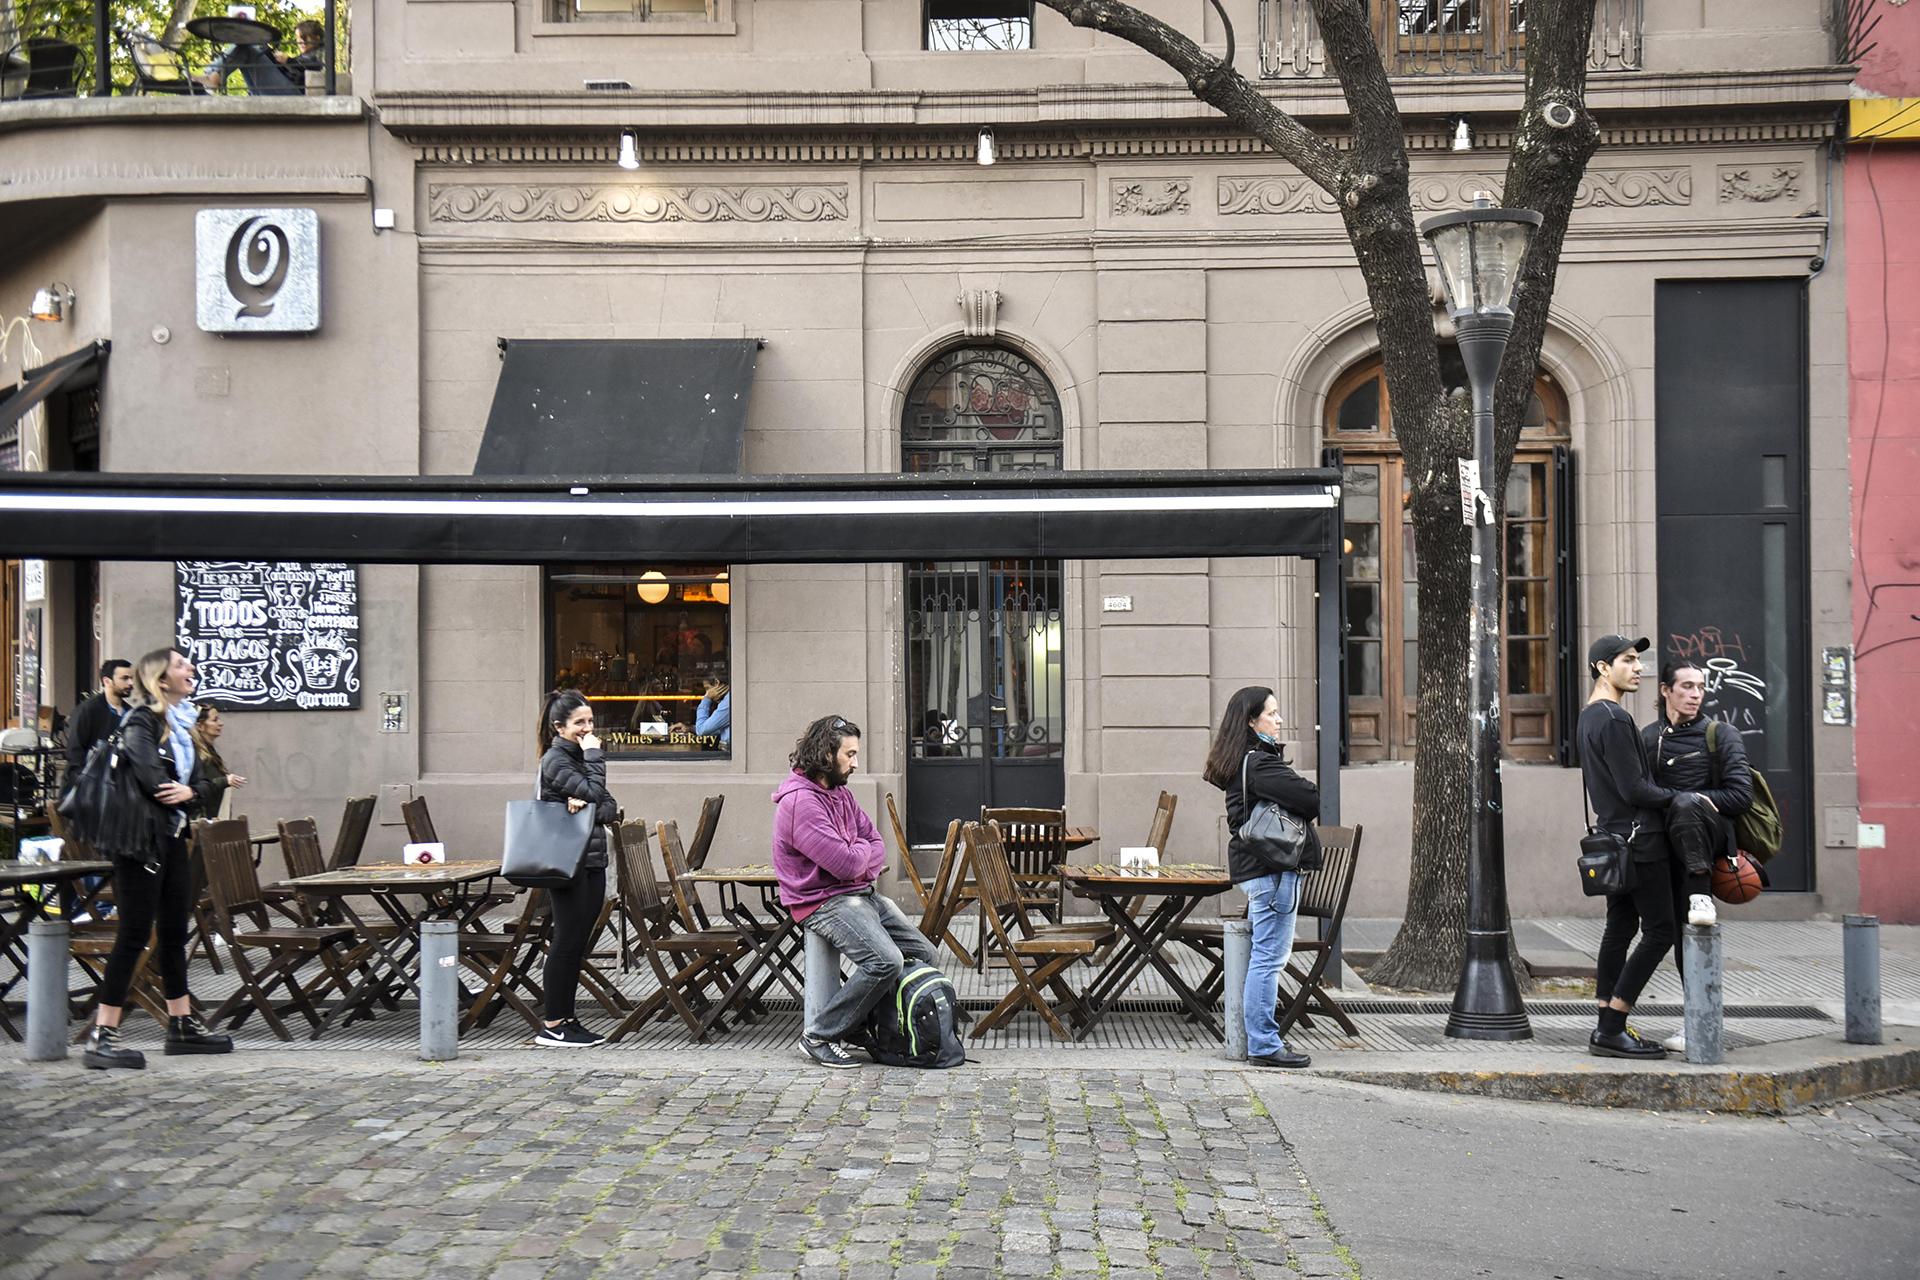 Costa Rica y Armenia. Calles empedradas y esquinas con bares y restaurantes. Paradas de colectivo que pasan por el barrio de Palermo Soho